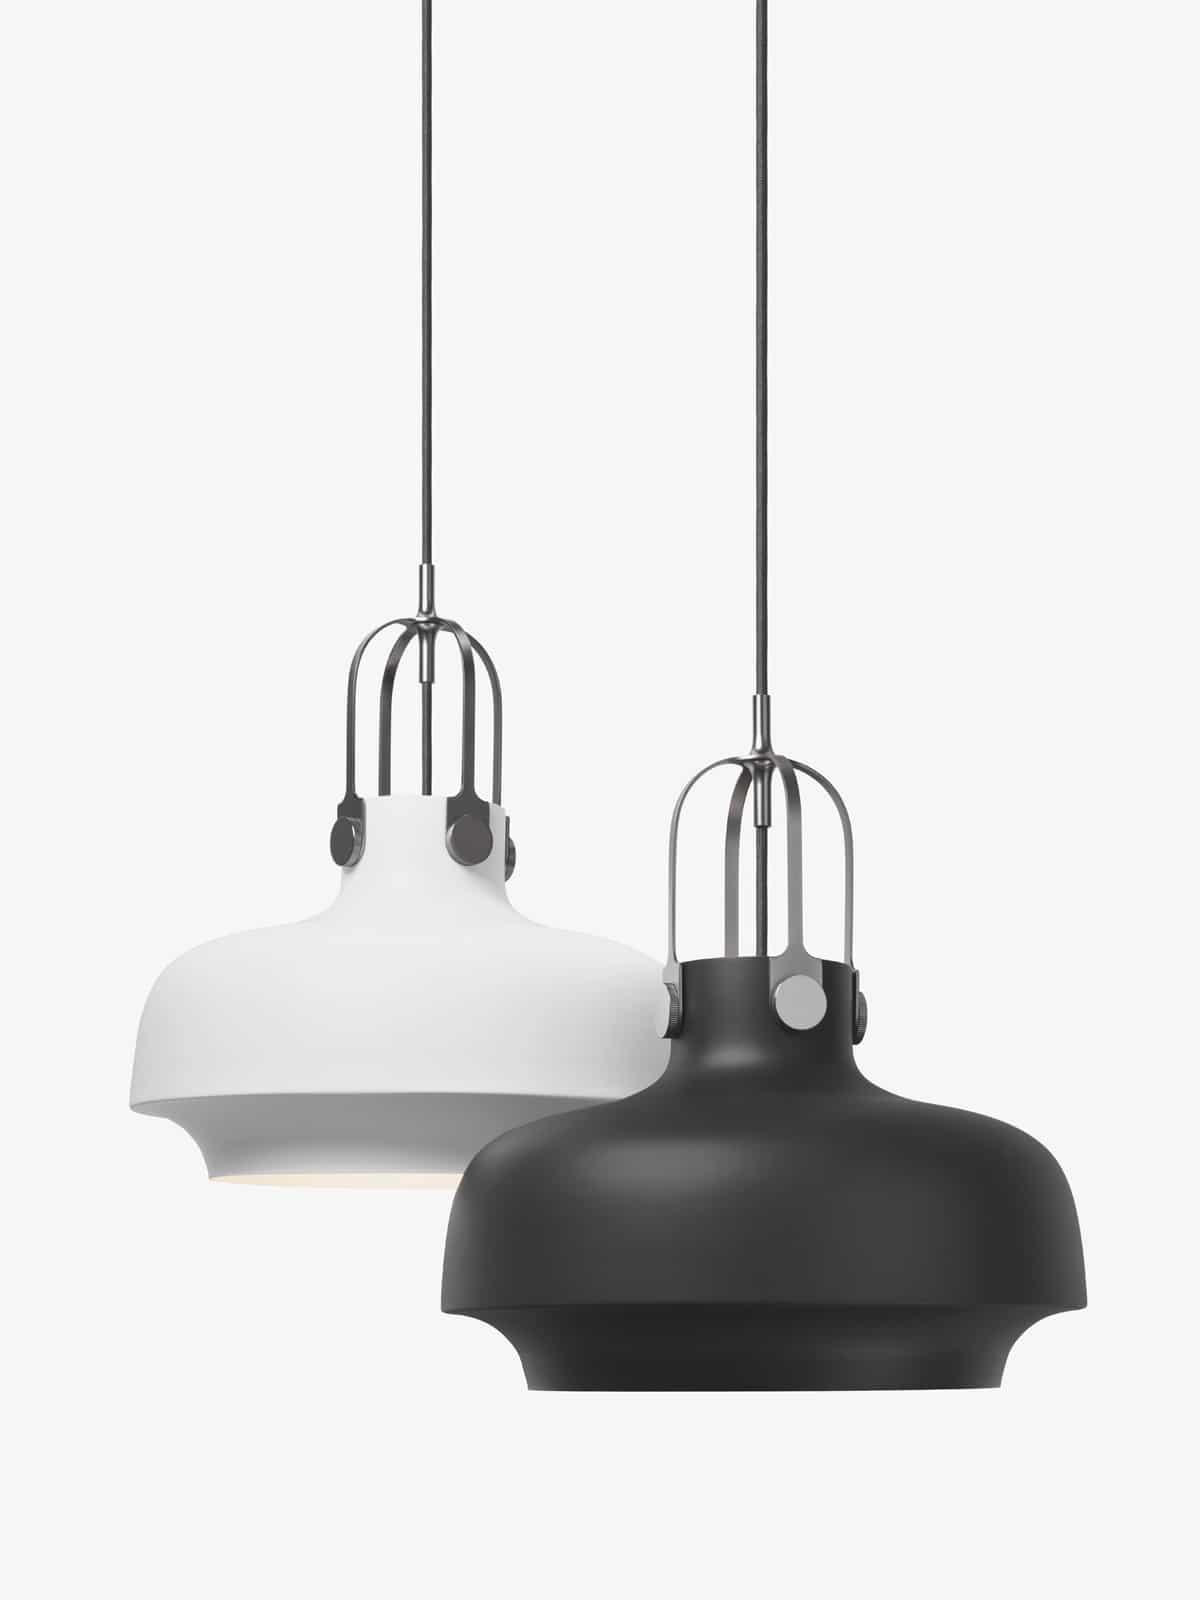 Hängelampe Copenhagen SC7 in weiß und schwarz